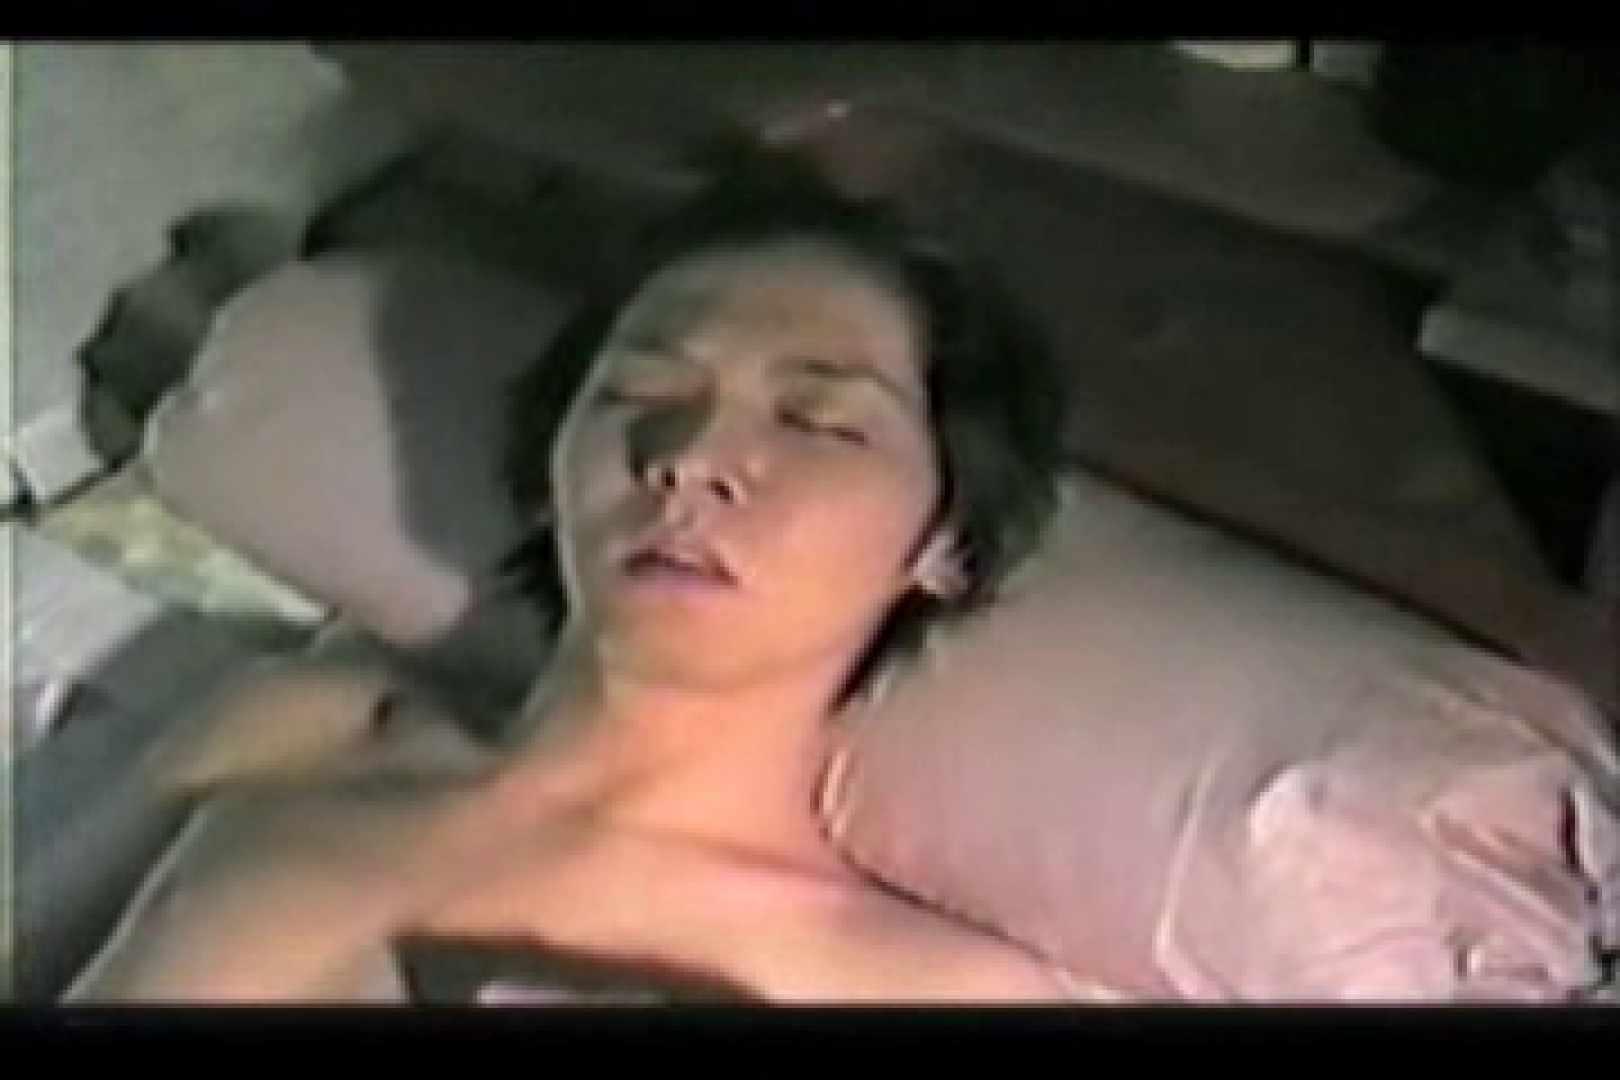 【流出】あの頃アイツ!!生意気だったけど好き物だった・・・ オナニー 男同士動画 63pic 22